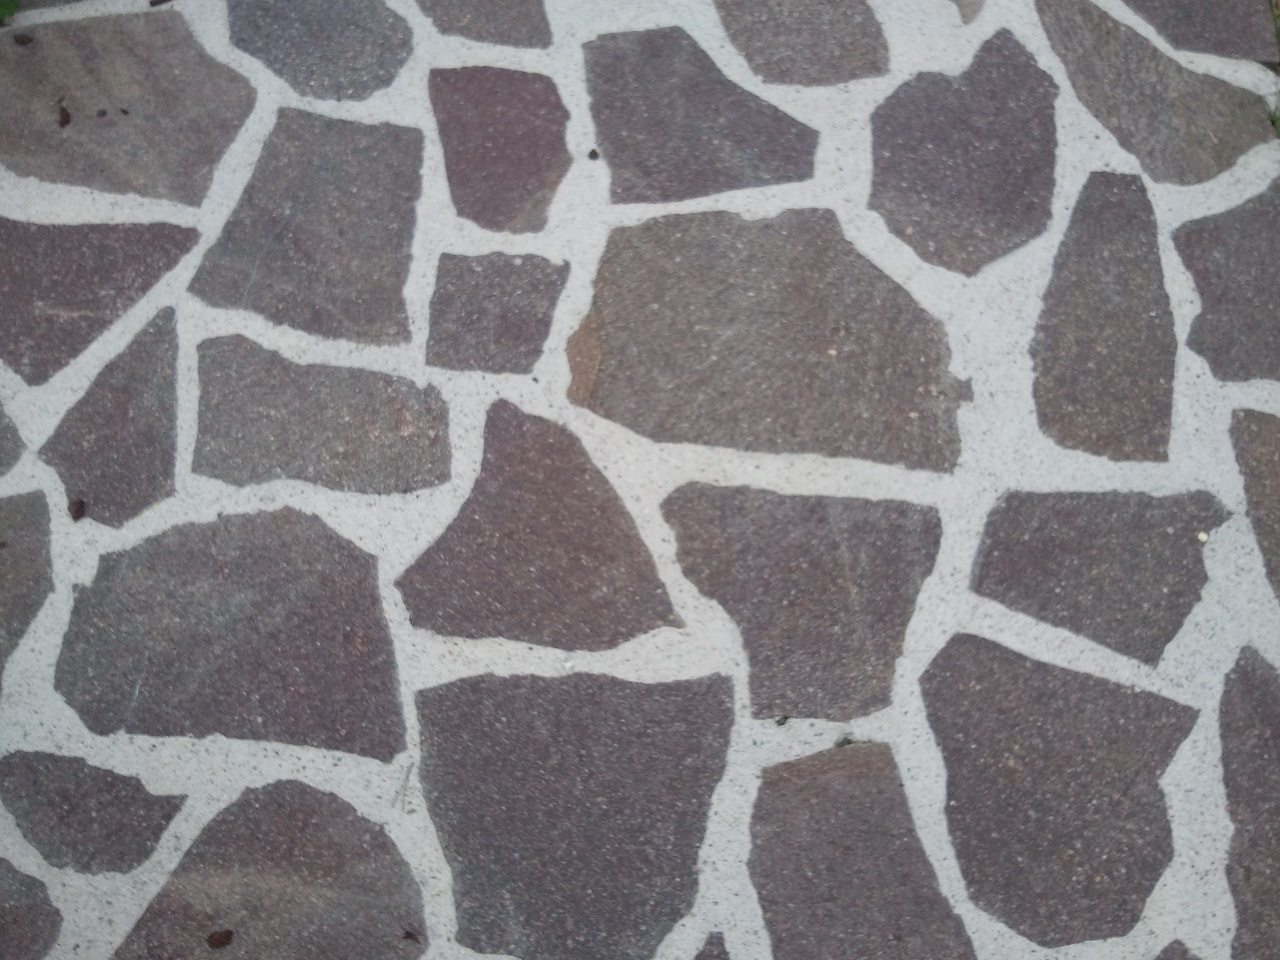 Piastrelle muro finta pietra elegant le finte pietre finte s ma